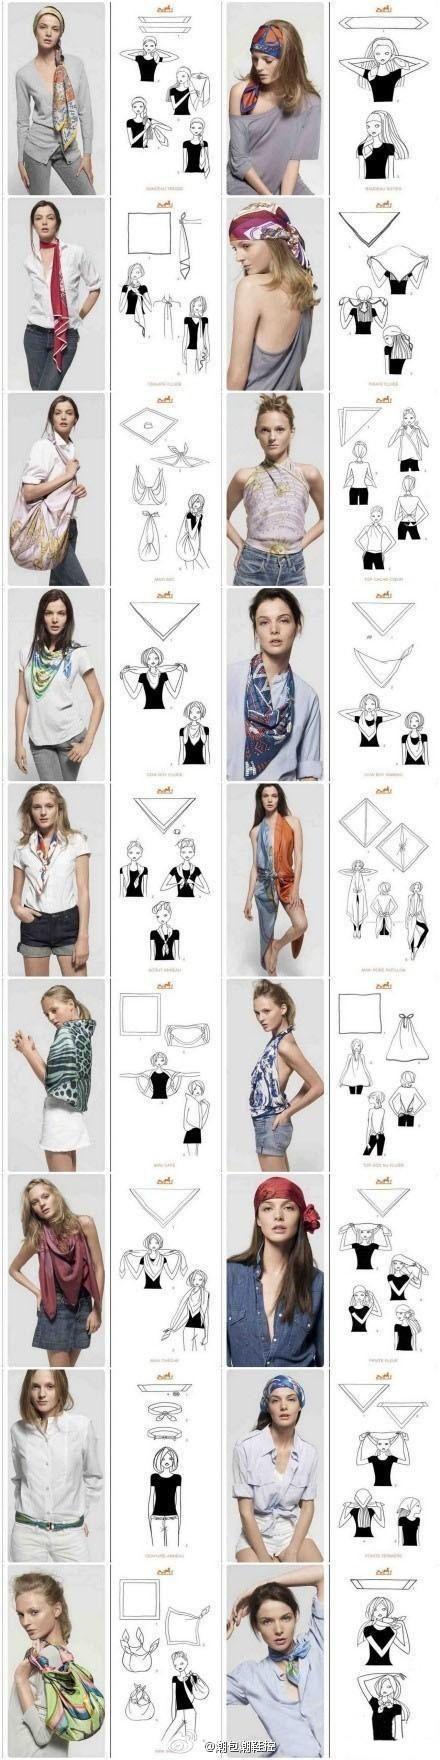 Découvrez comment porter le foulard de multi façons, astuces pour le nouer de manières originale chaque jour selon vos envies de mode, homme et femme.